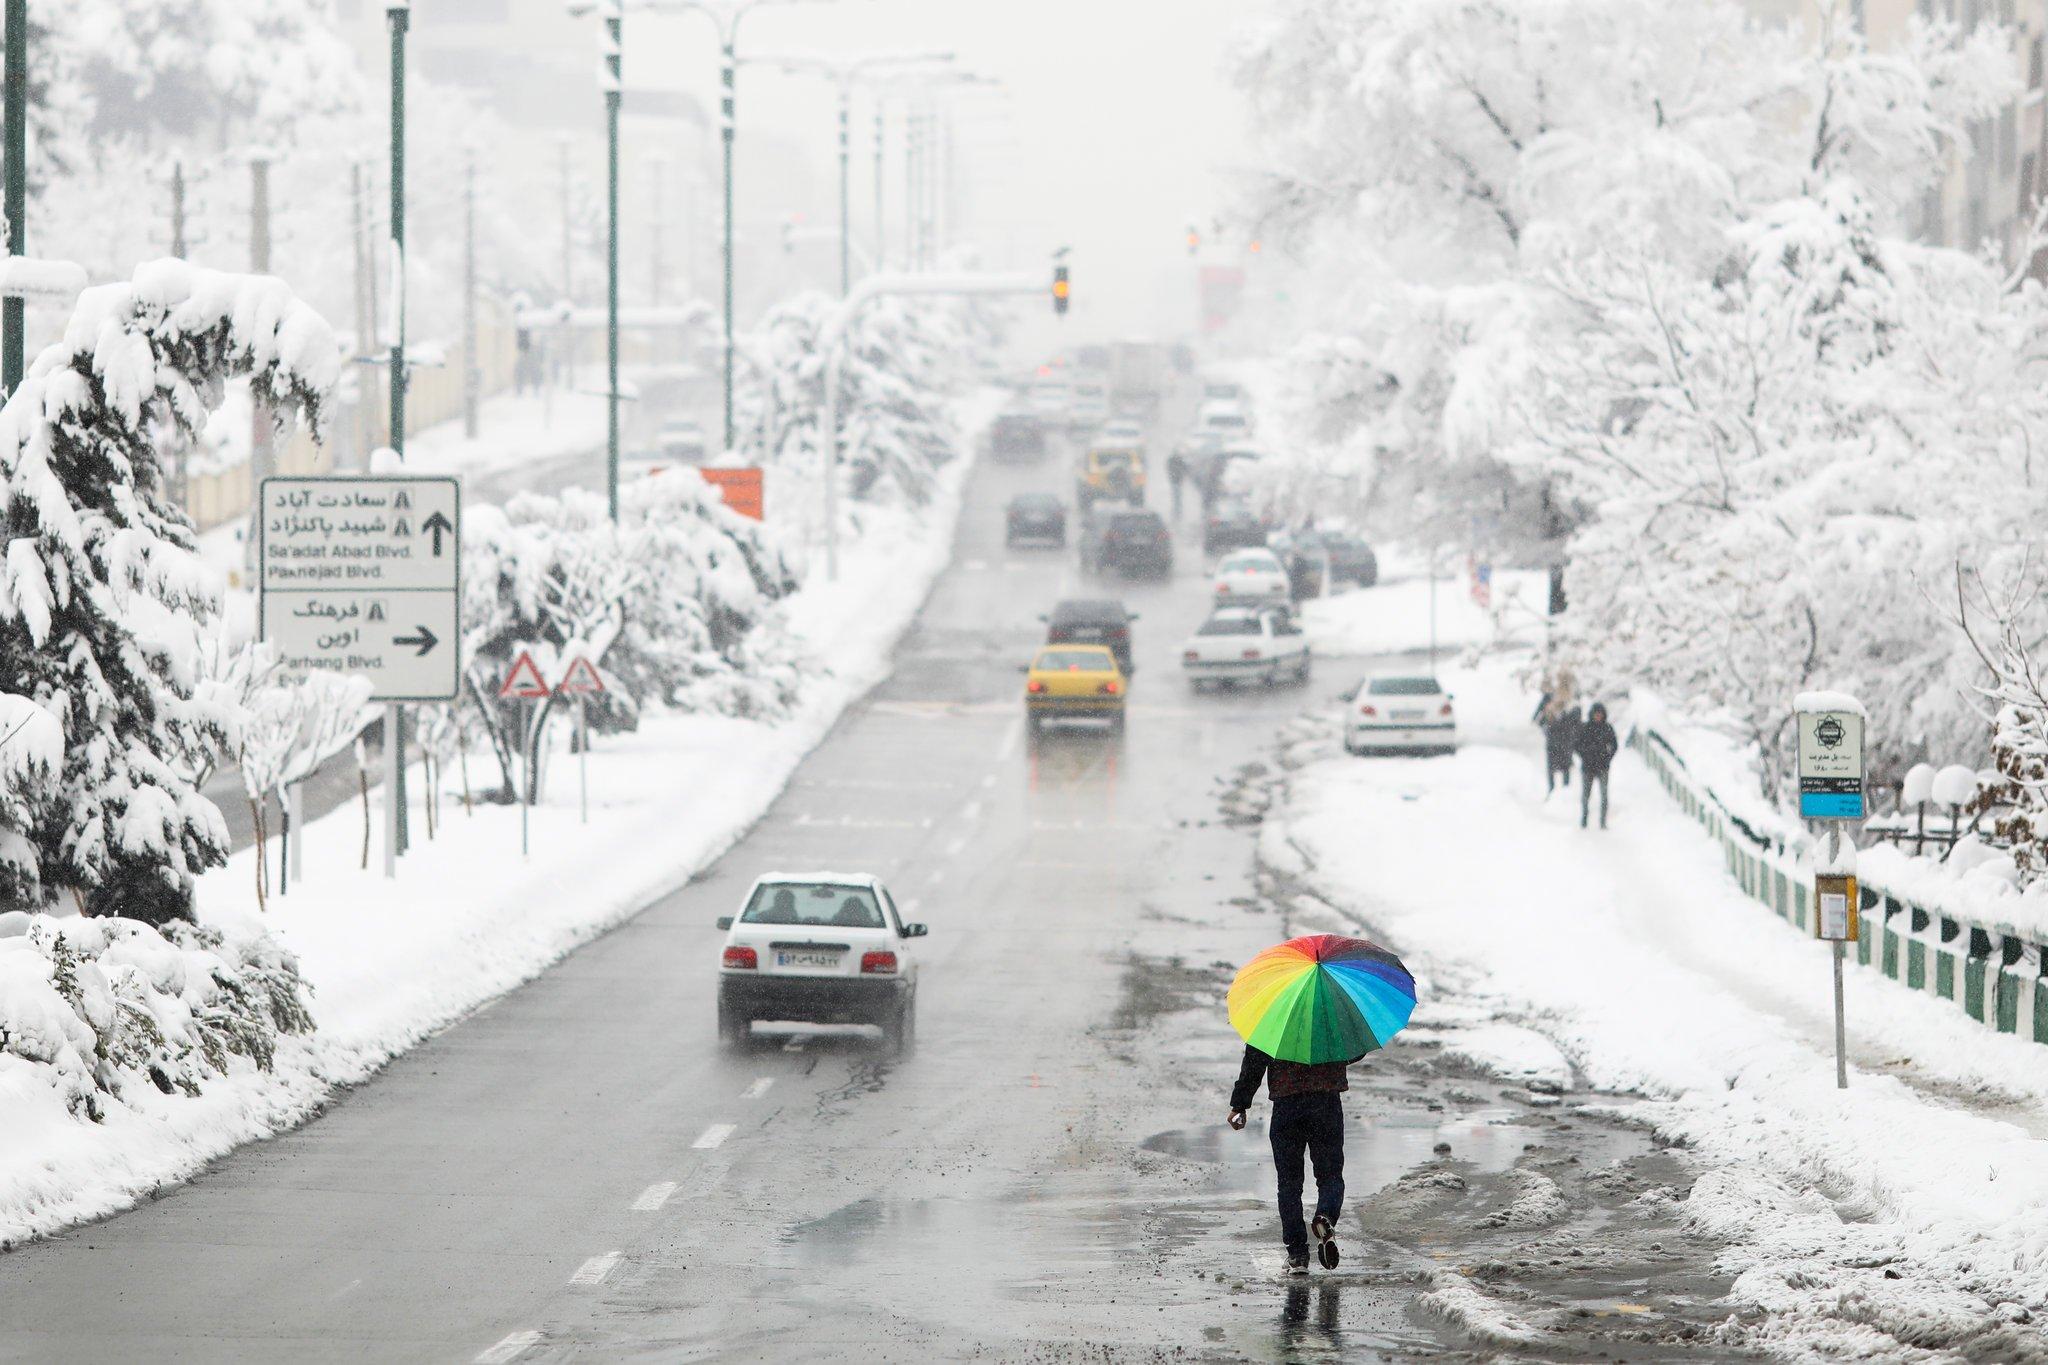 نیویورک تایمز: ایرانیان نماز باران خواندند، برف نصیبشان شد!